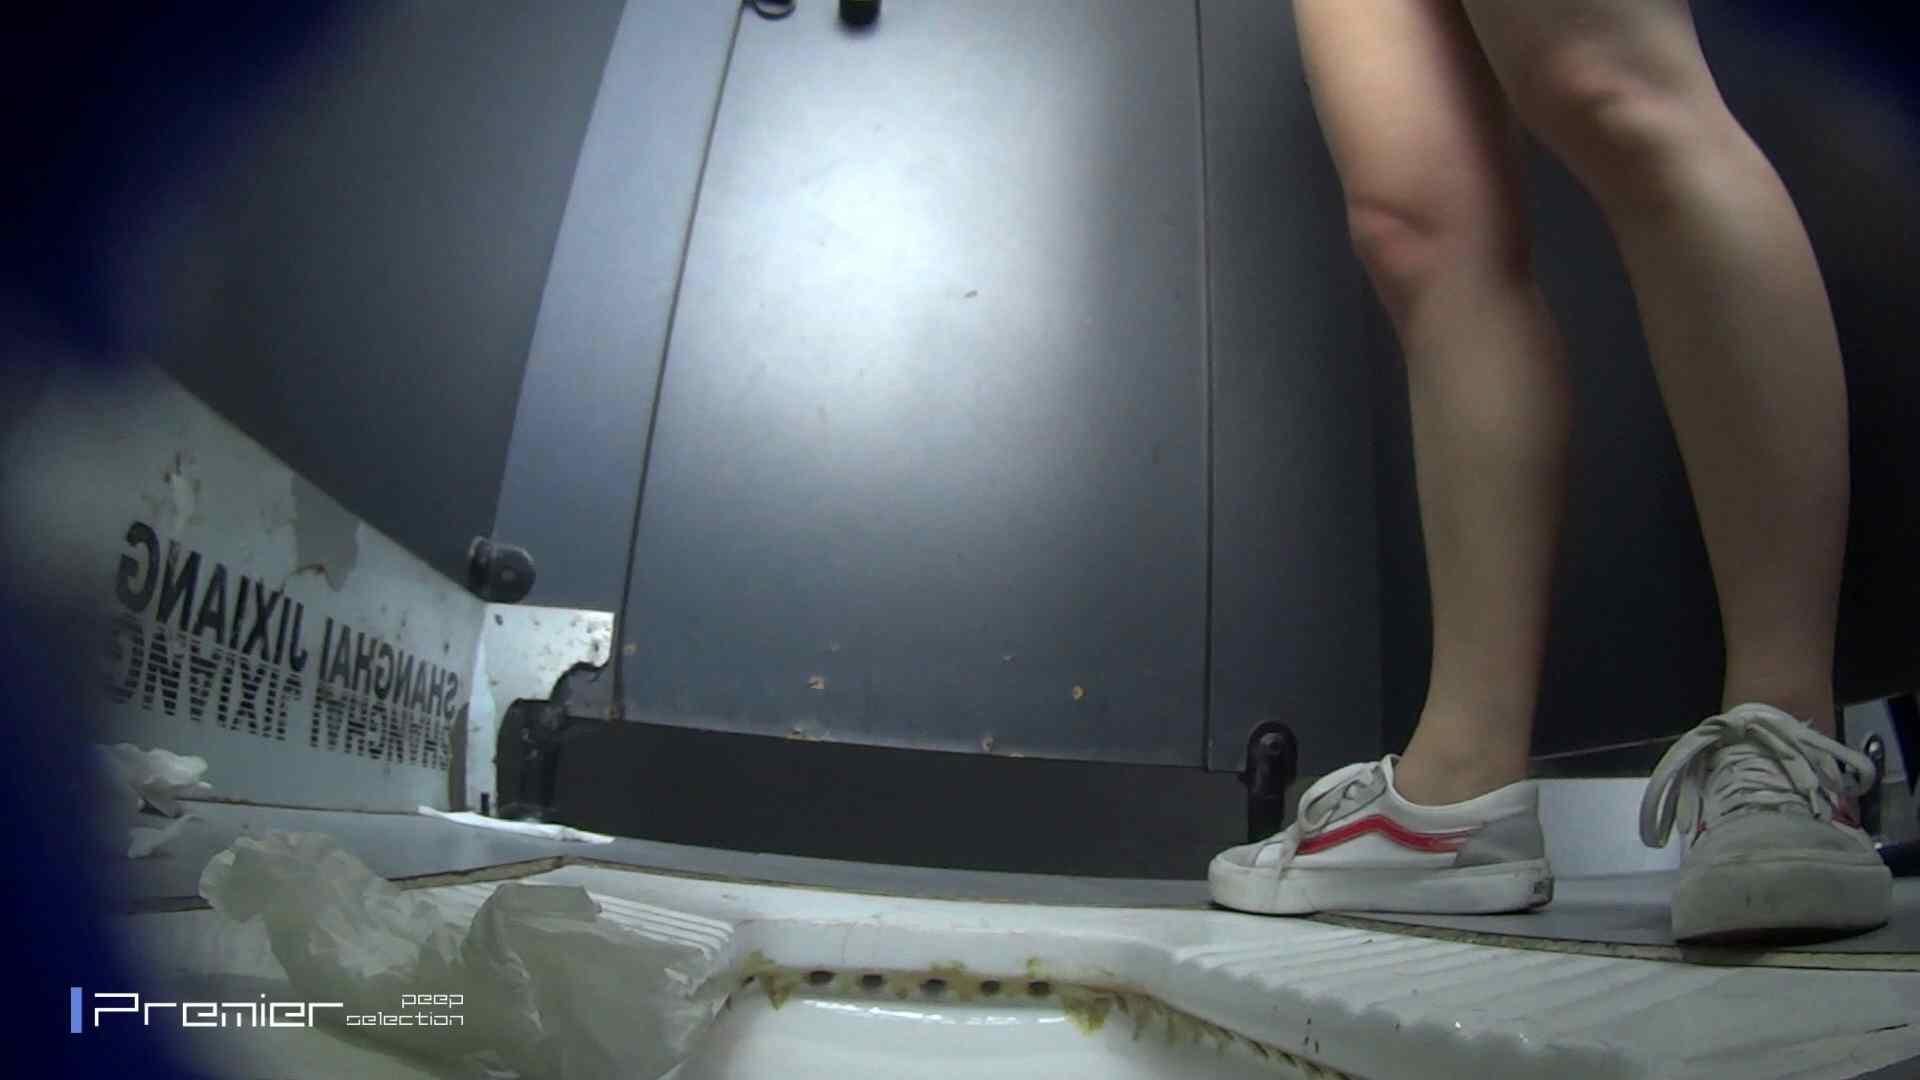 スキニージーンズの美女 大学休憩時間の洗面所事情56 洗面所 AV無料動画キャプチャ 88連発 21